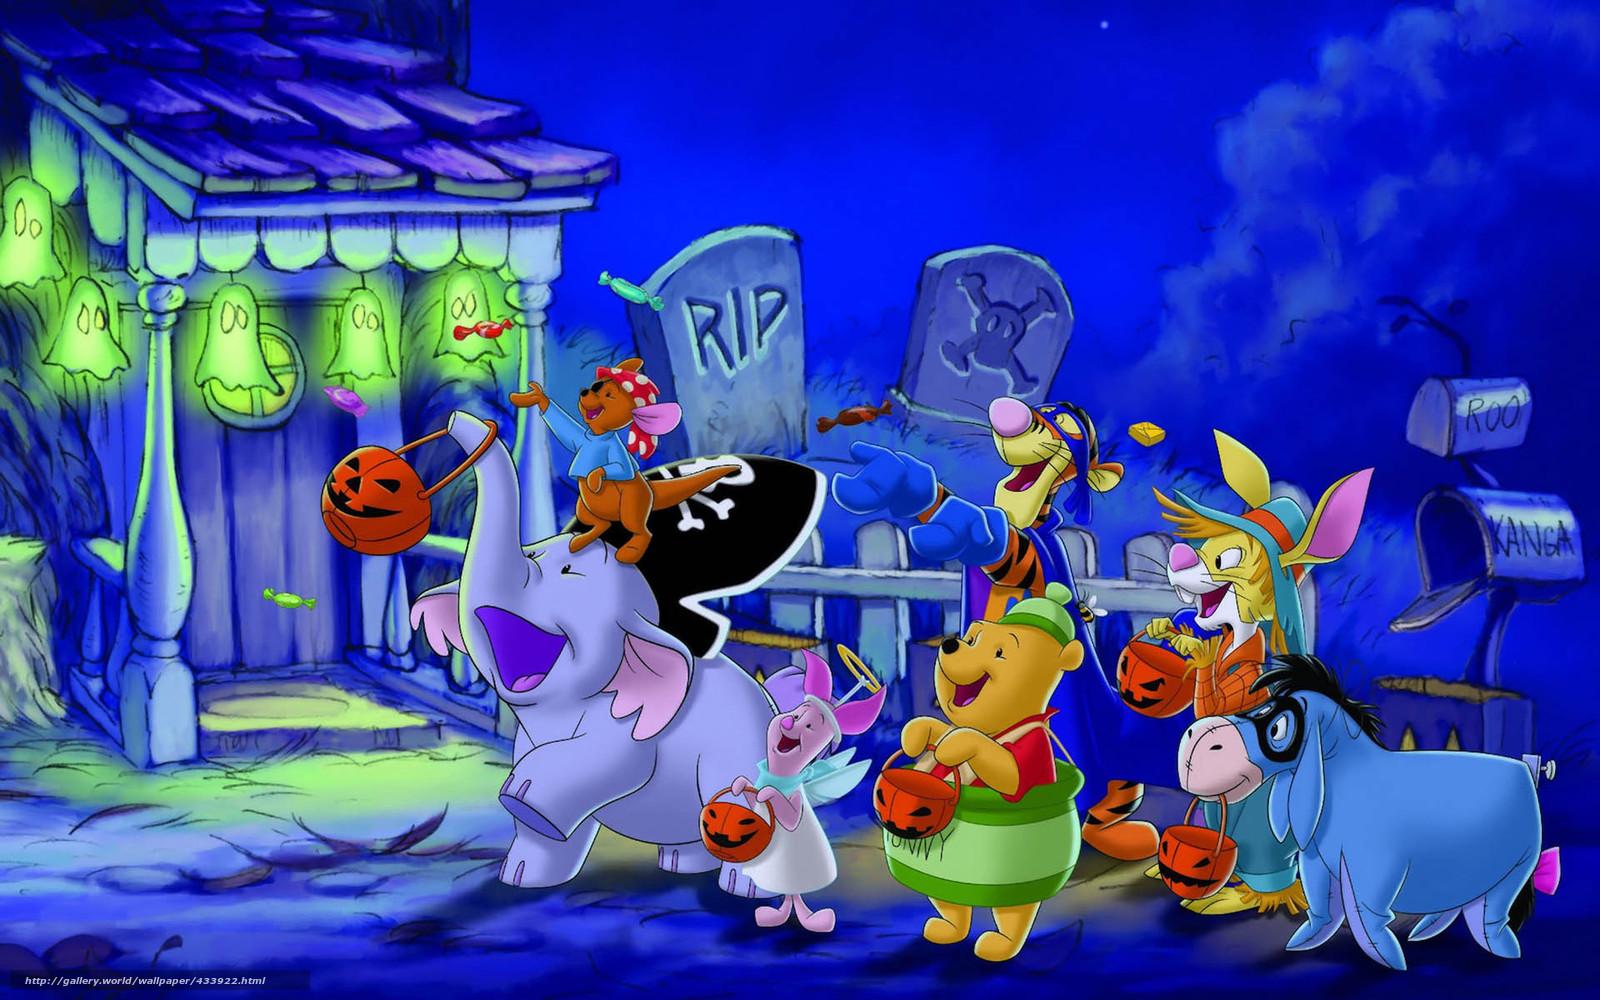 Скачать обои Хэллоуин,  Винни Пух,  друзья,  радость бесплатно для рабочего стола в разрешении 1920x1200 — картинка №433922